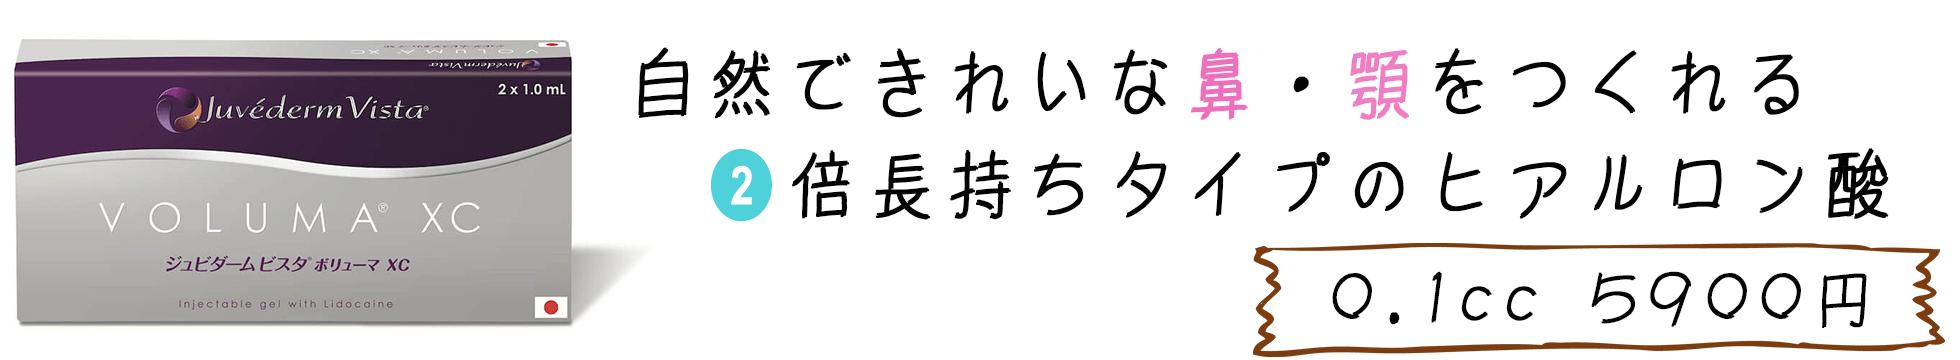 ボリューマXC(VOLUMA XC)0.1ccc5900円バナー